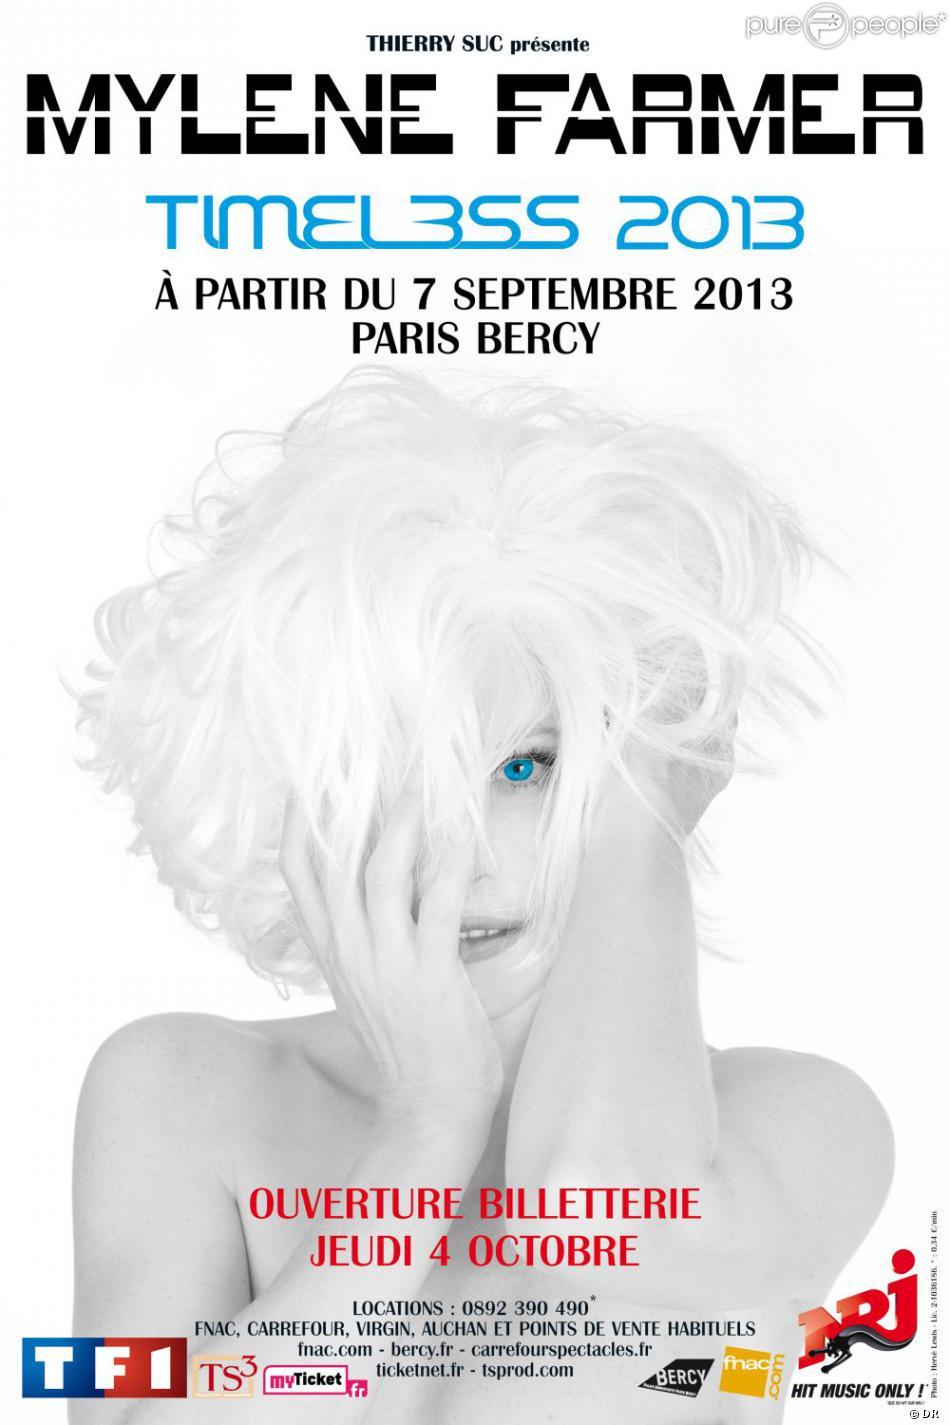 Mylène Farmer sera en tournée, intitulée  Timeless , à partir du 7 septembre 2013.